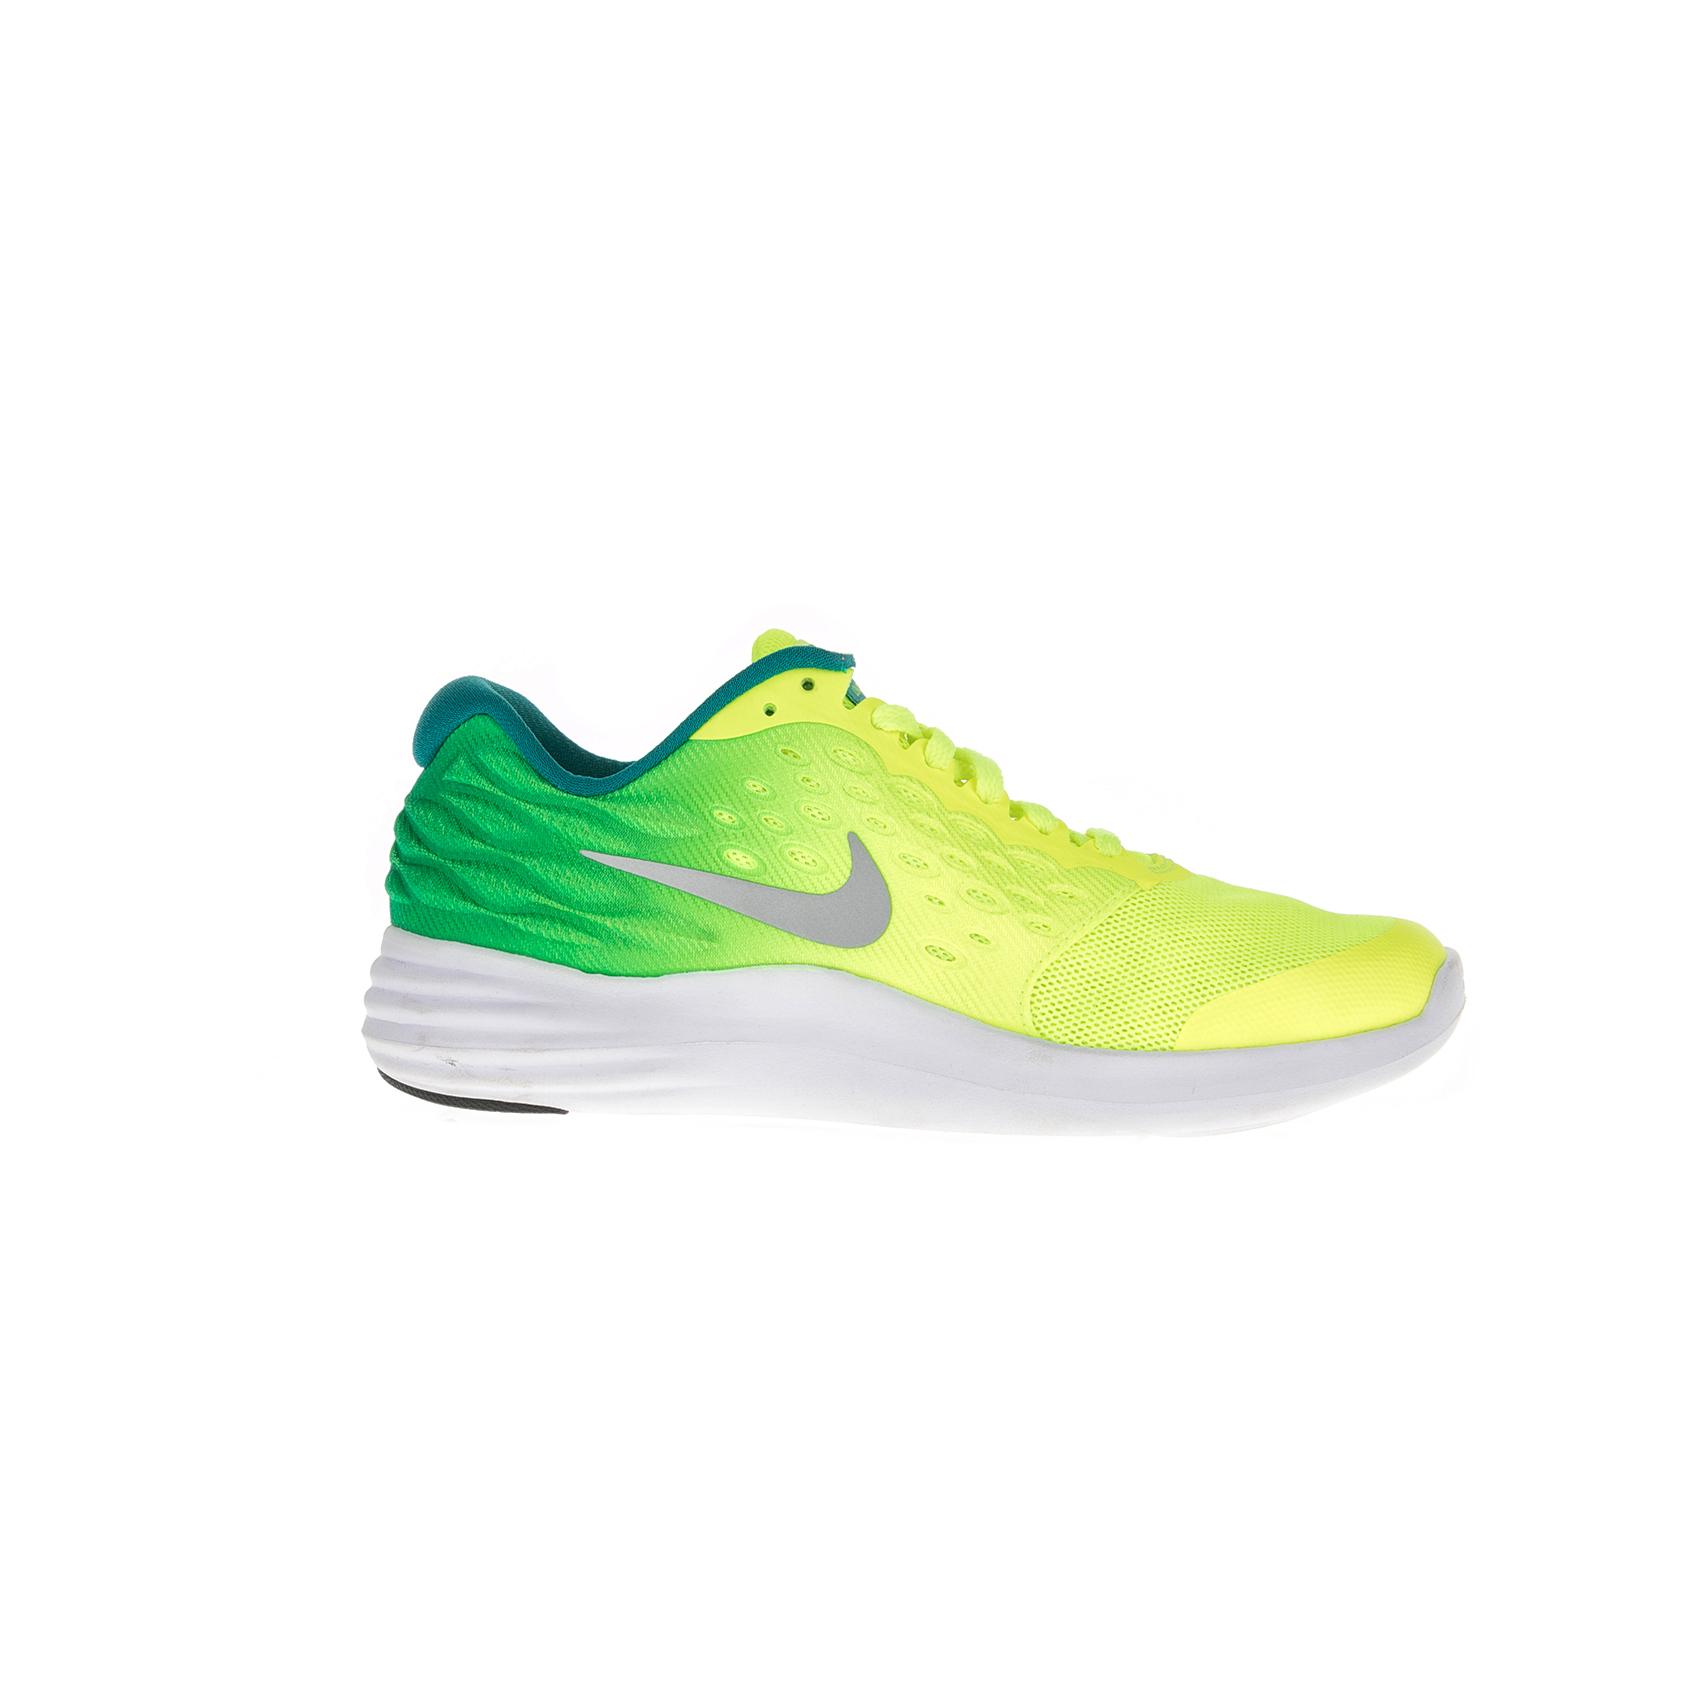 NIKE – Παιδικά αθλητικά παπούτσια Nike LUNARSTELOS (GS) πράσινα – κίτρινα